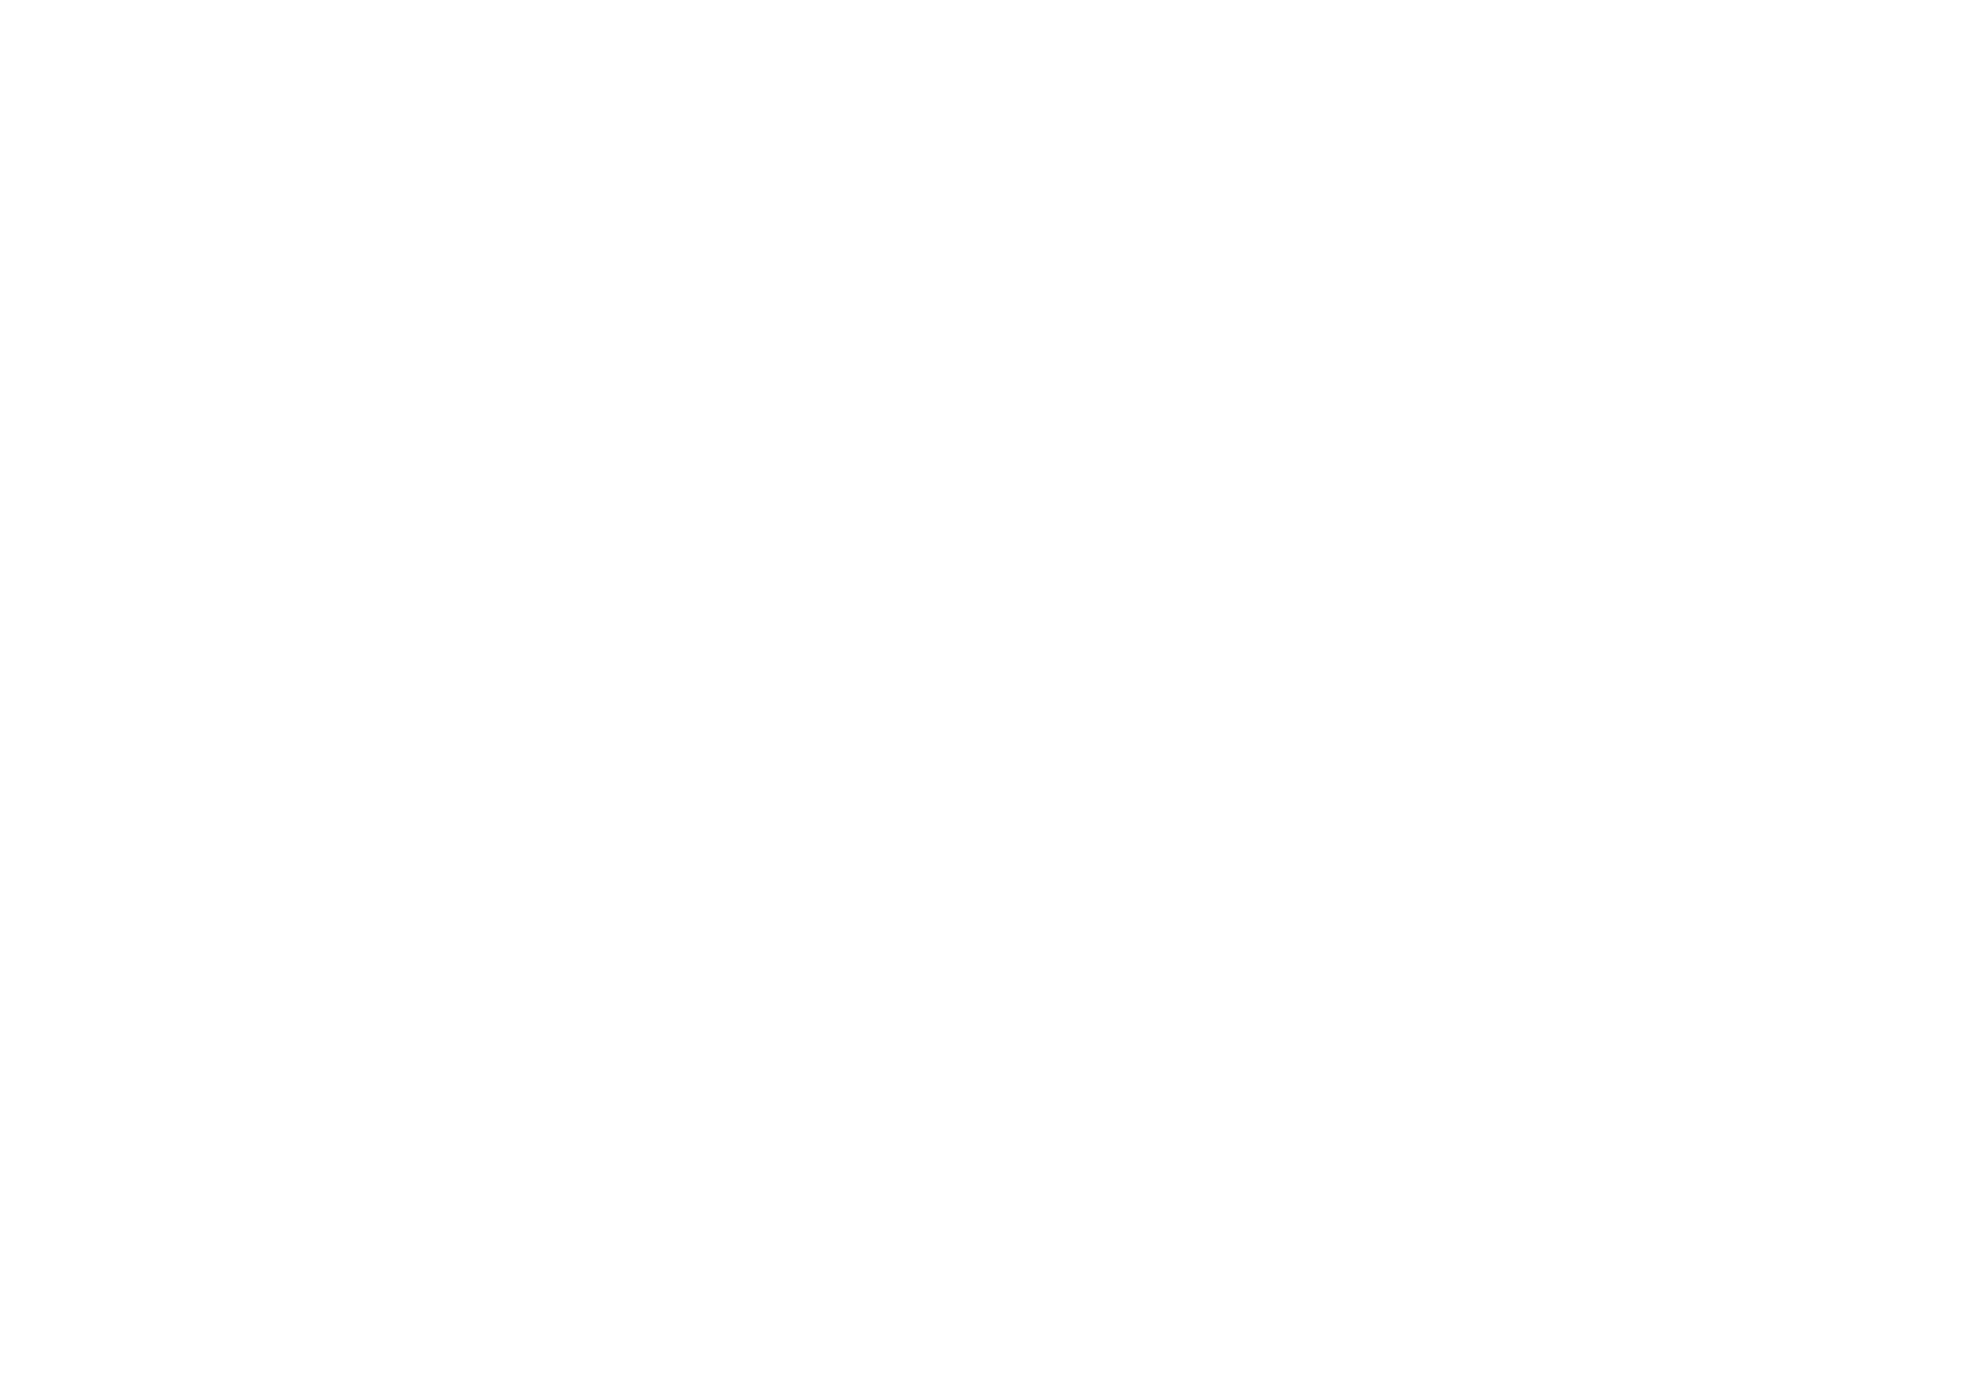 Balnasar - Logo